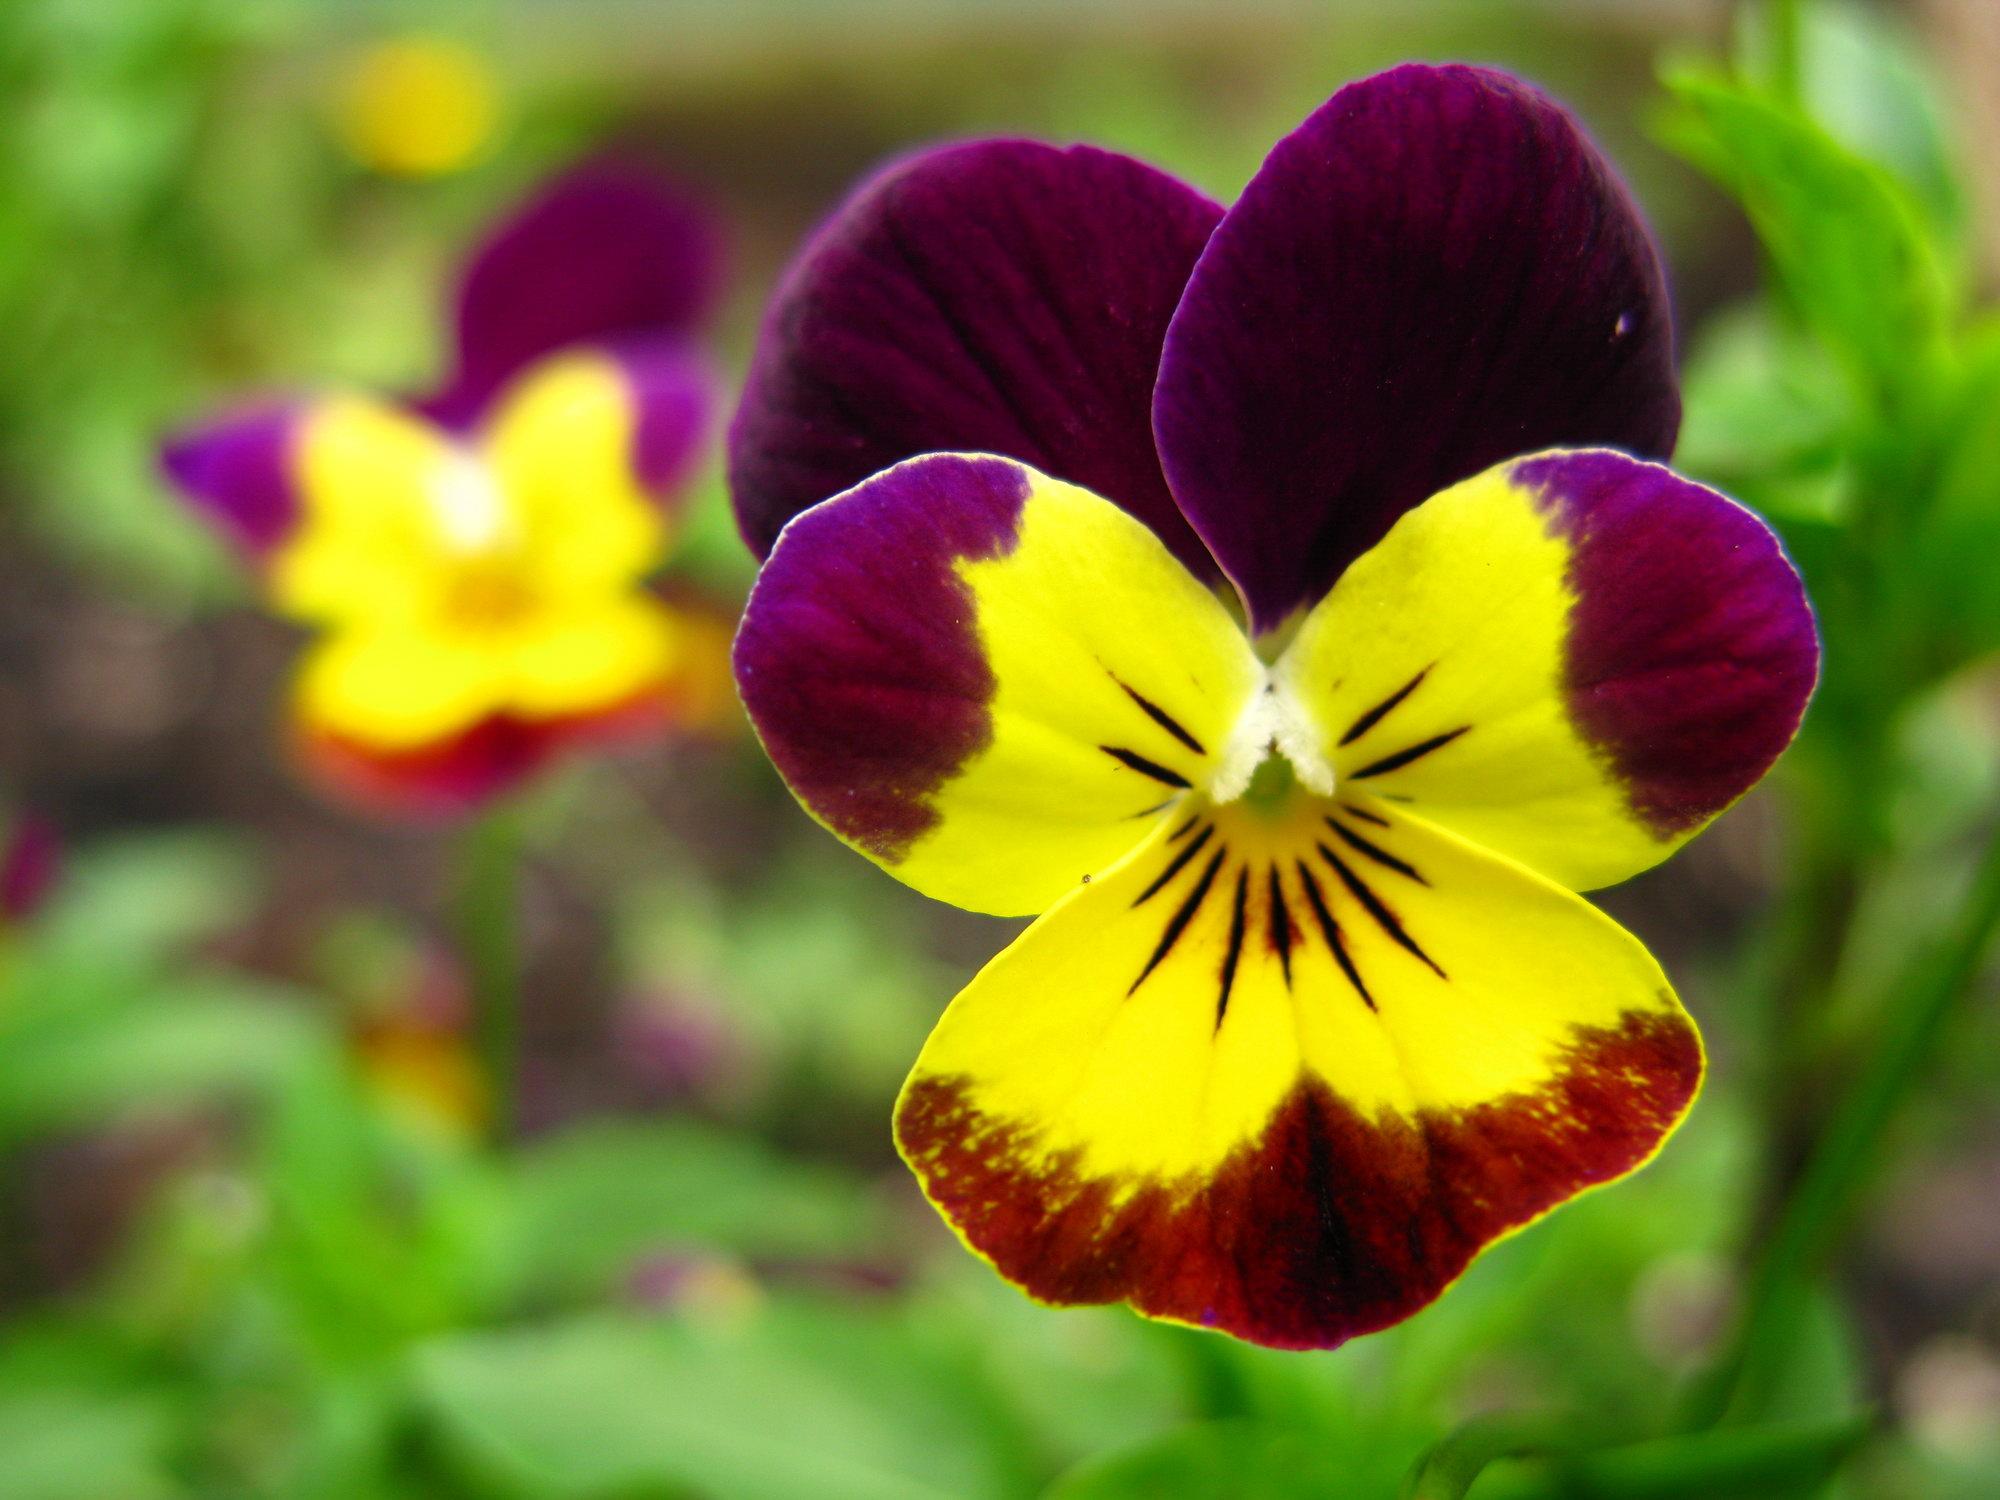 Viola tricolor - Violet leaf